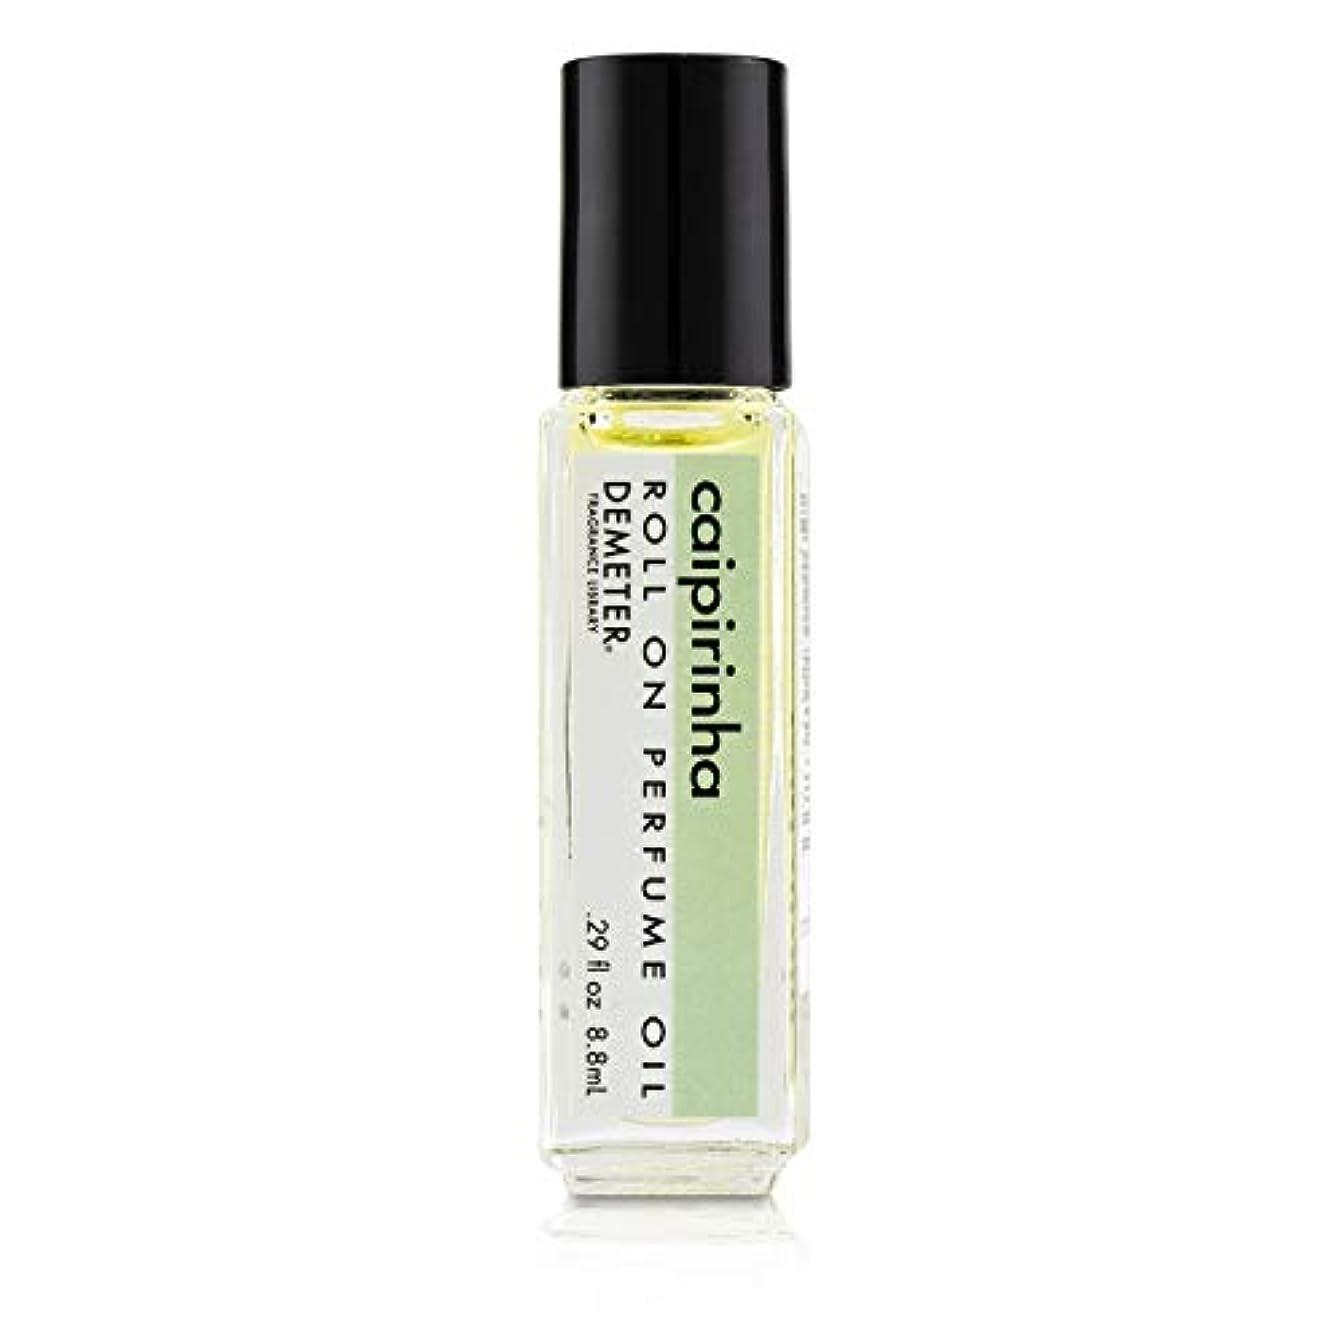 反逆主張する肥満ディメーター Caipirinha Roll On Perfume Oil 8.8ml/0.29oz並行輸入品